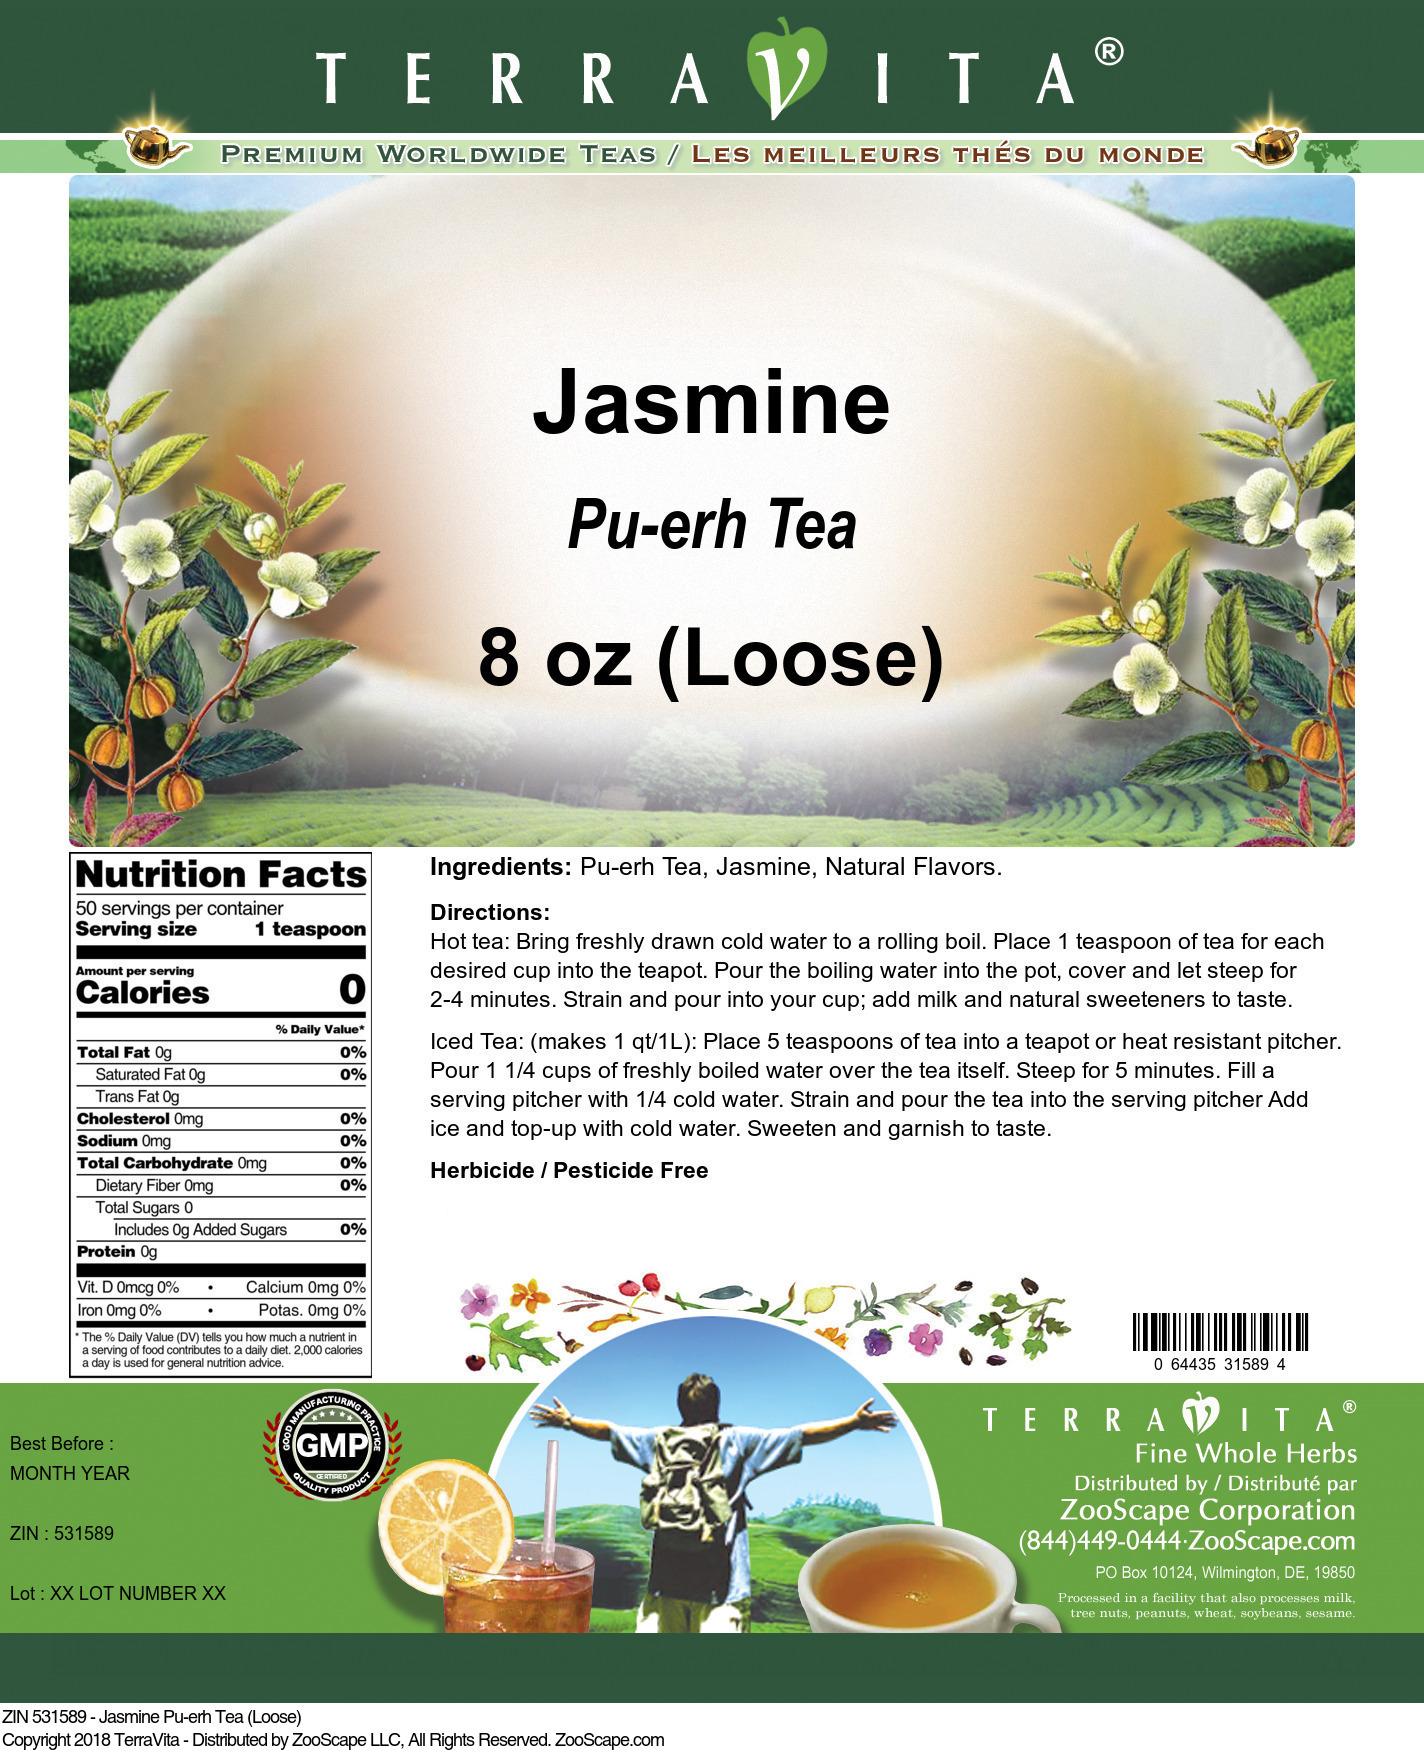 Jasmine Pu-erh Tea (Loose)